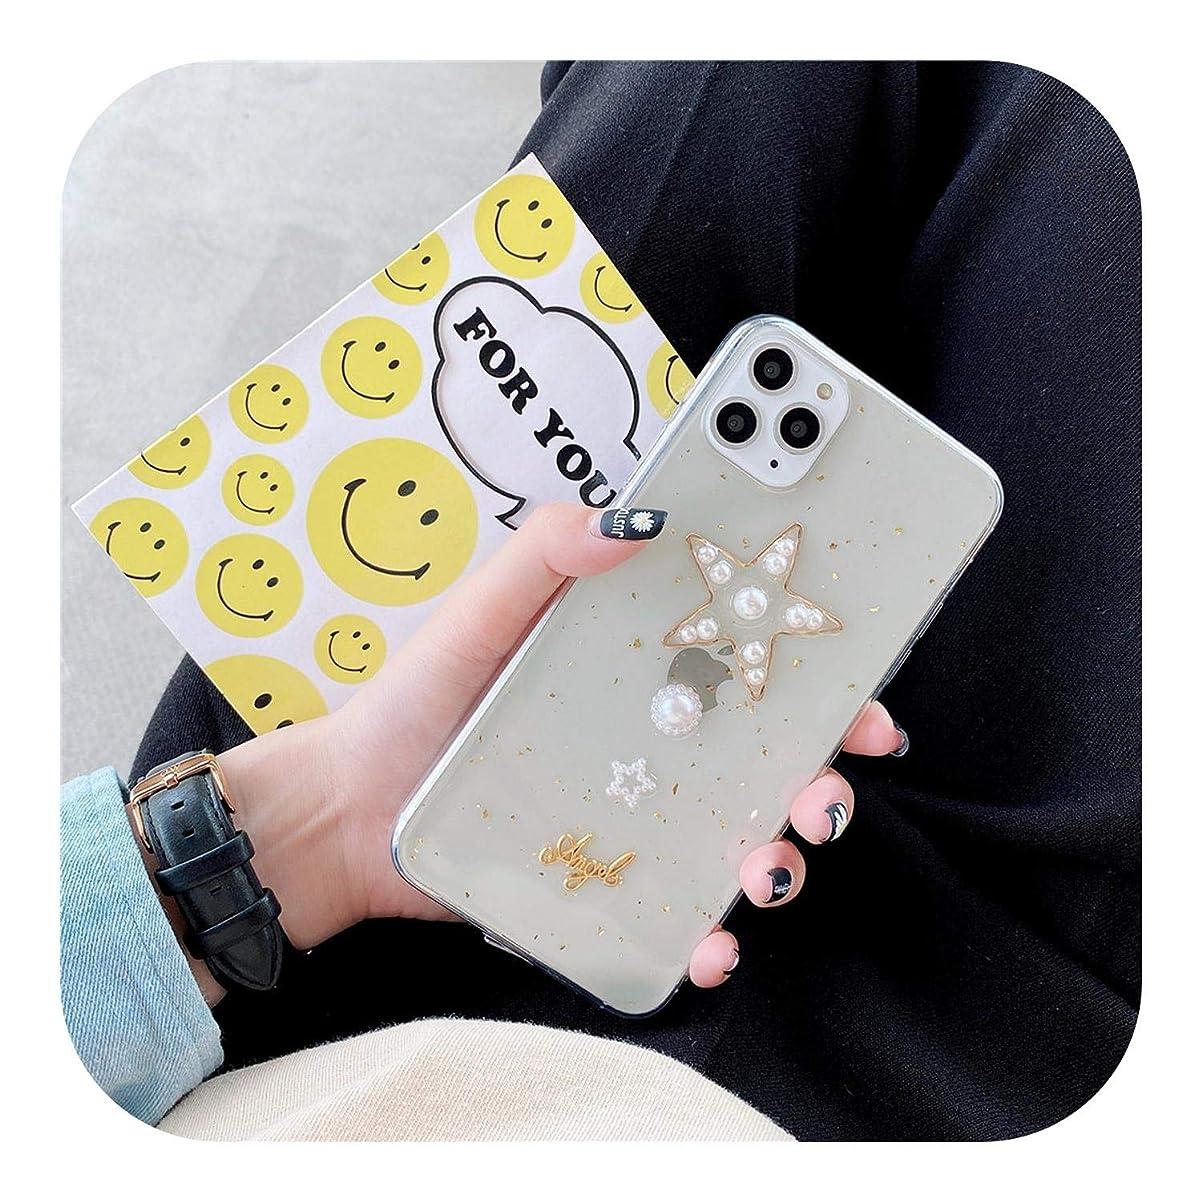 モロニック強い翻訳するAfeeg パールゴールドホイル電話ケースiphone 11プロマックスX XS XR Xsマックス7 8プラス透明愛ハートキラキラ電話ケース-T2-For iPhone X